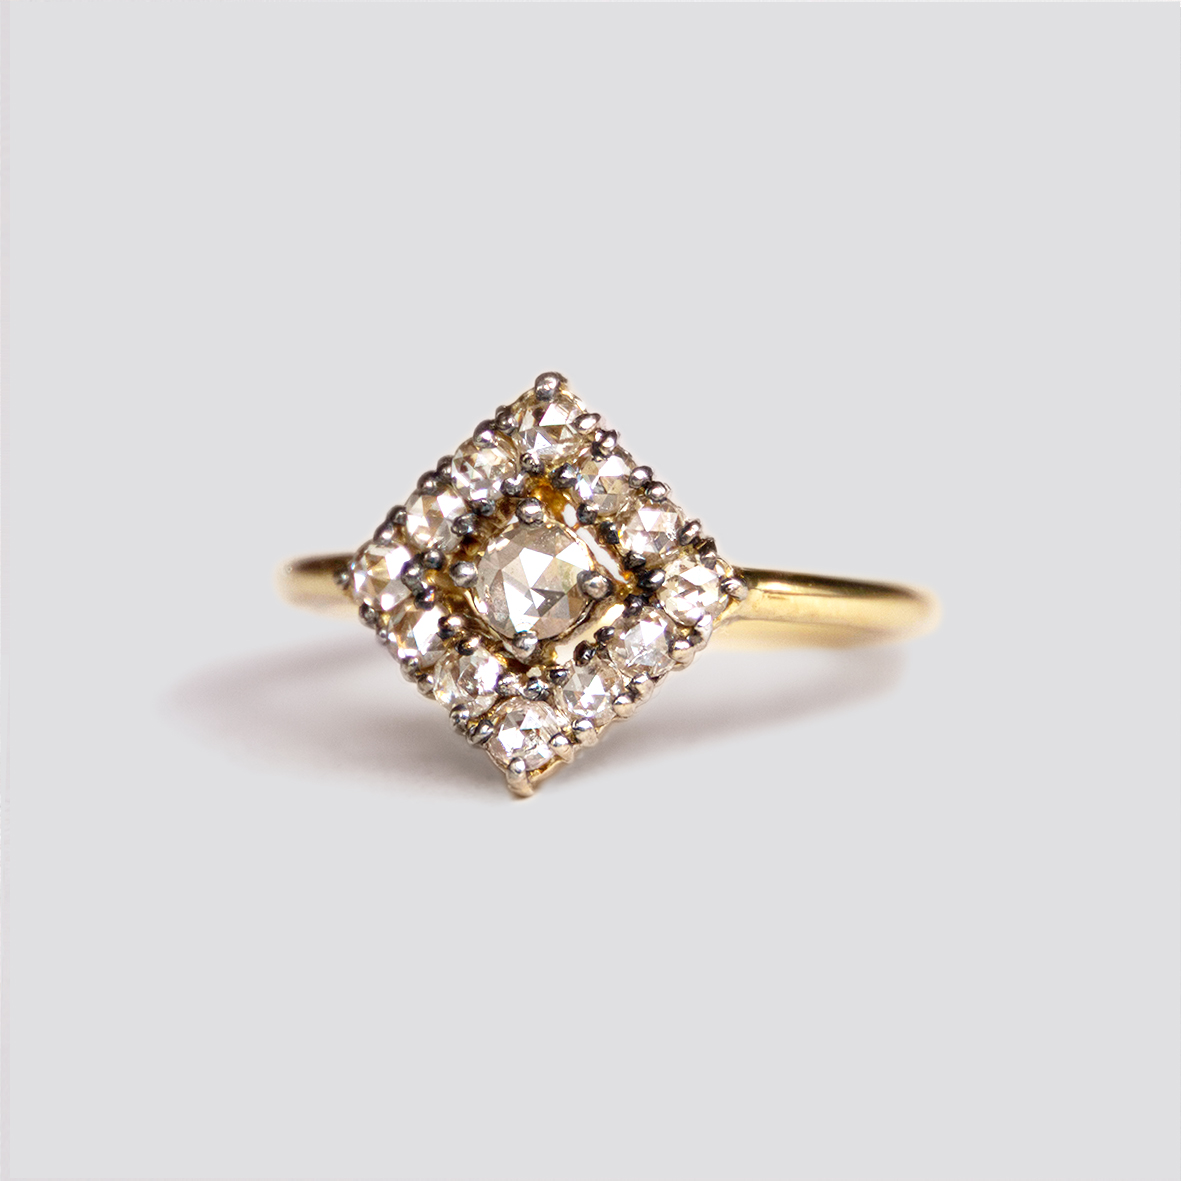 1. OONA__lotus_principal_rhomb rose-cut diamond ring